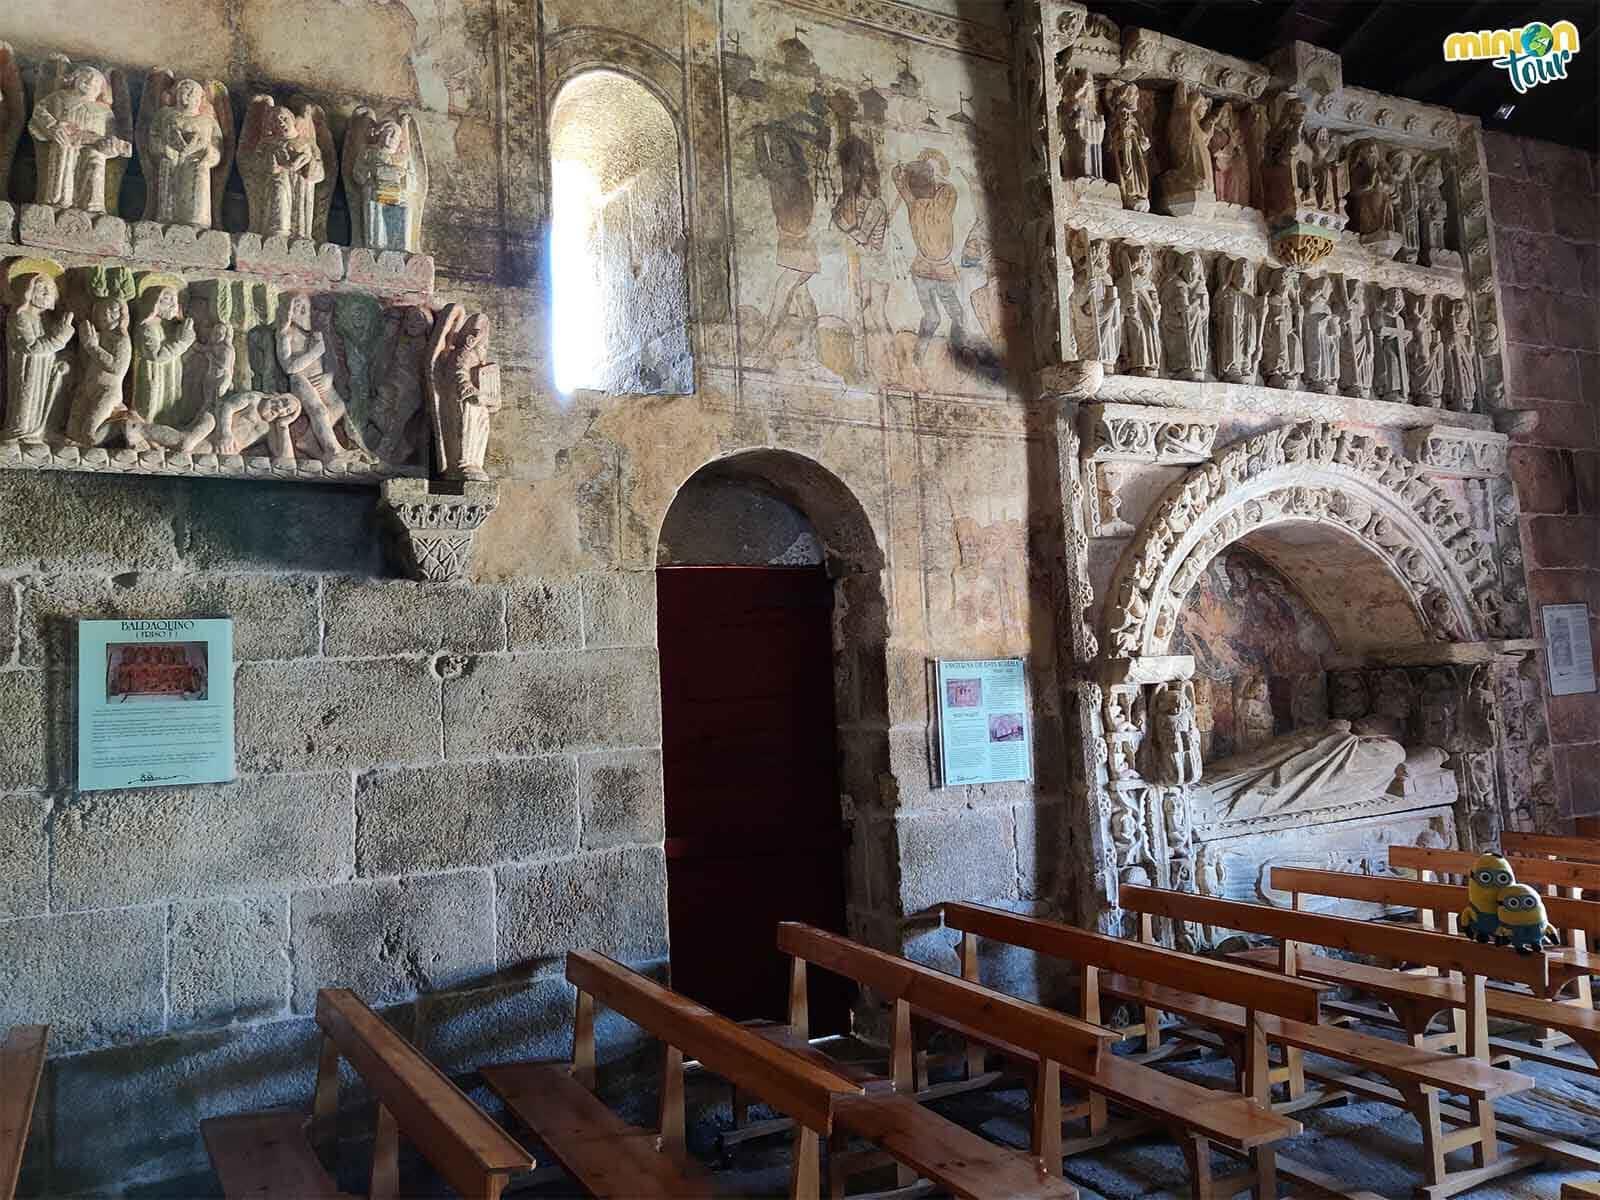 El baldaquino de la catedral del rural gallego de Ventosa es impresionante